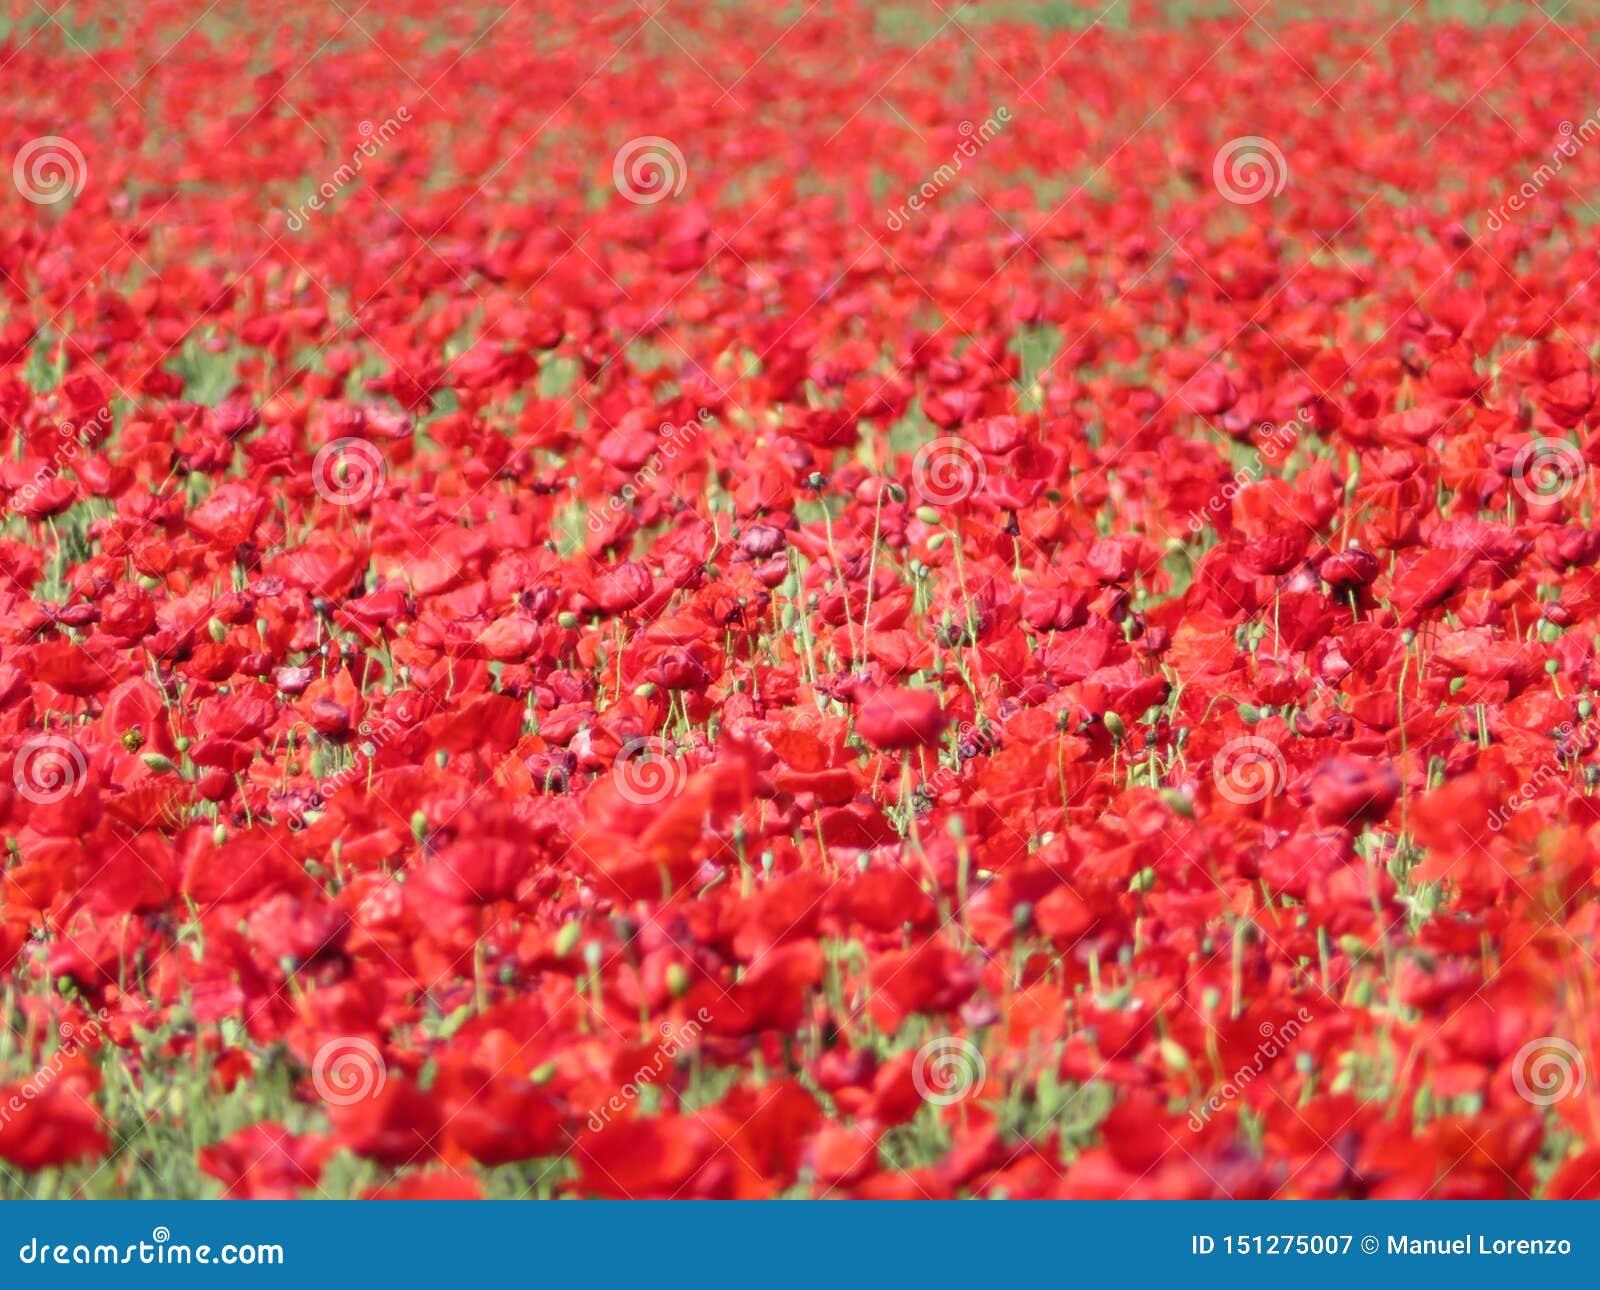 Όμορφο κόκκινο σύνολο παπαρουνών των λουλουδιών που αναμιγνύονται με τα δημητριακά